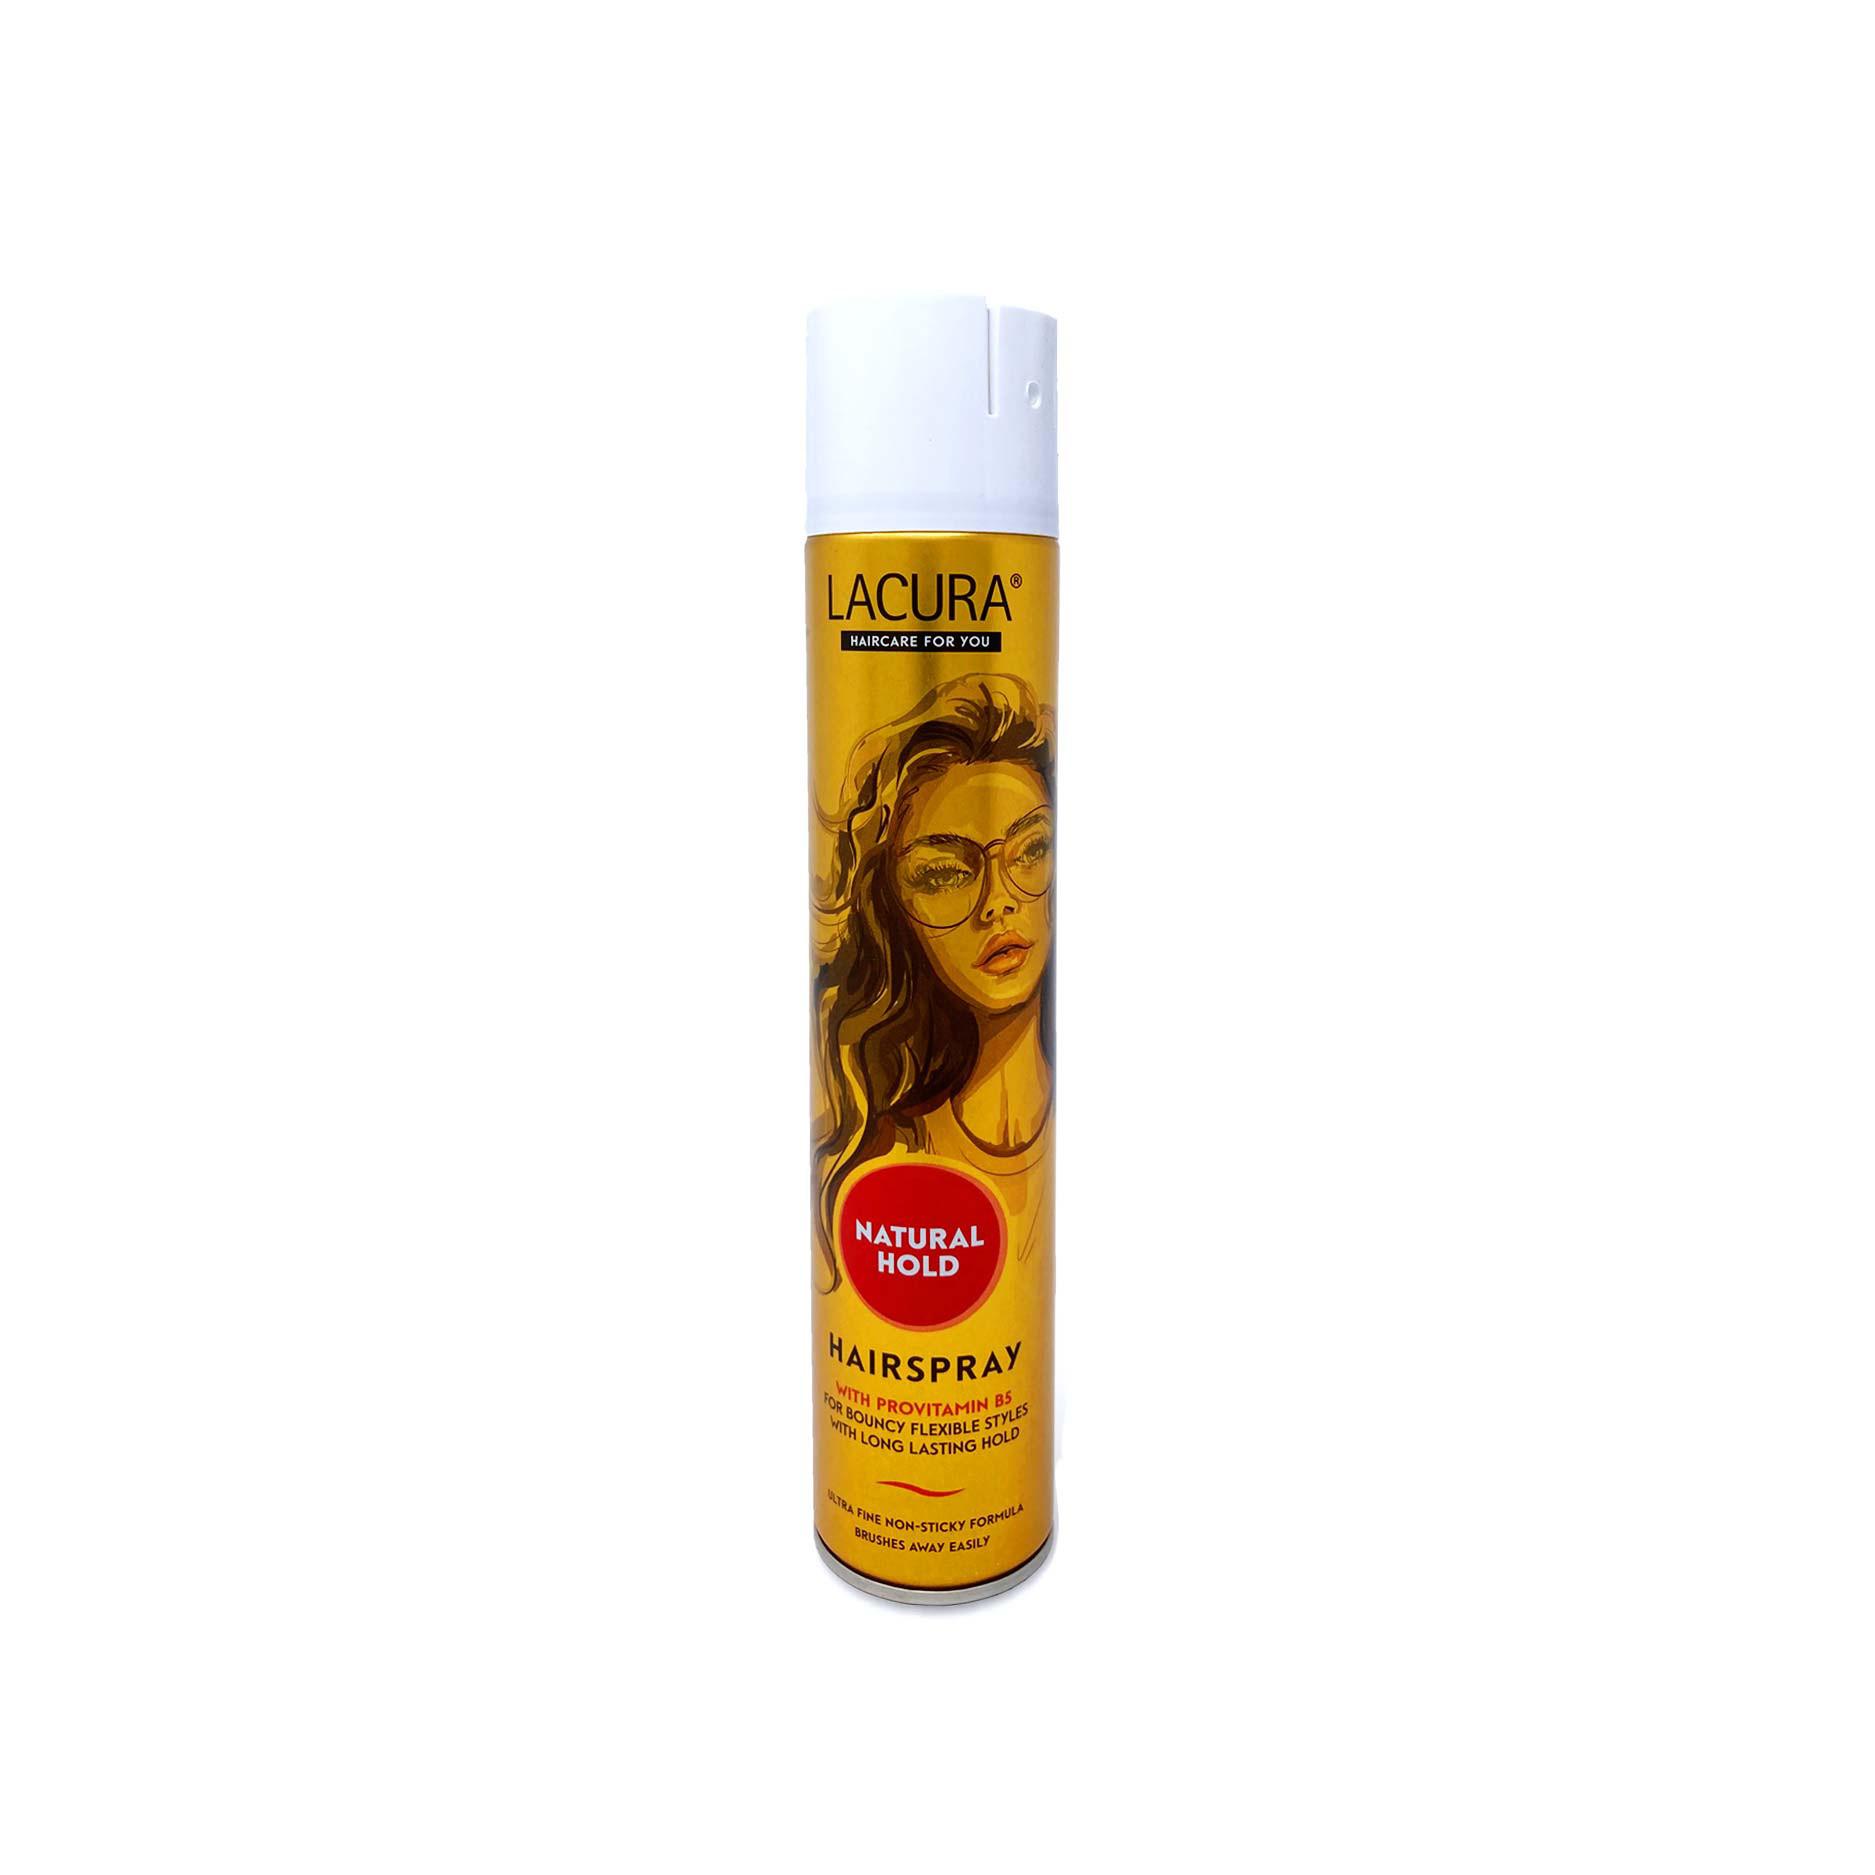 Hairspray Natural Hold